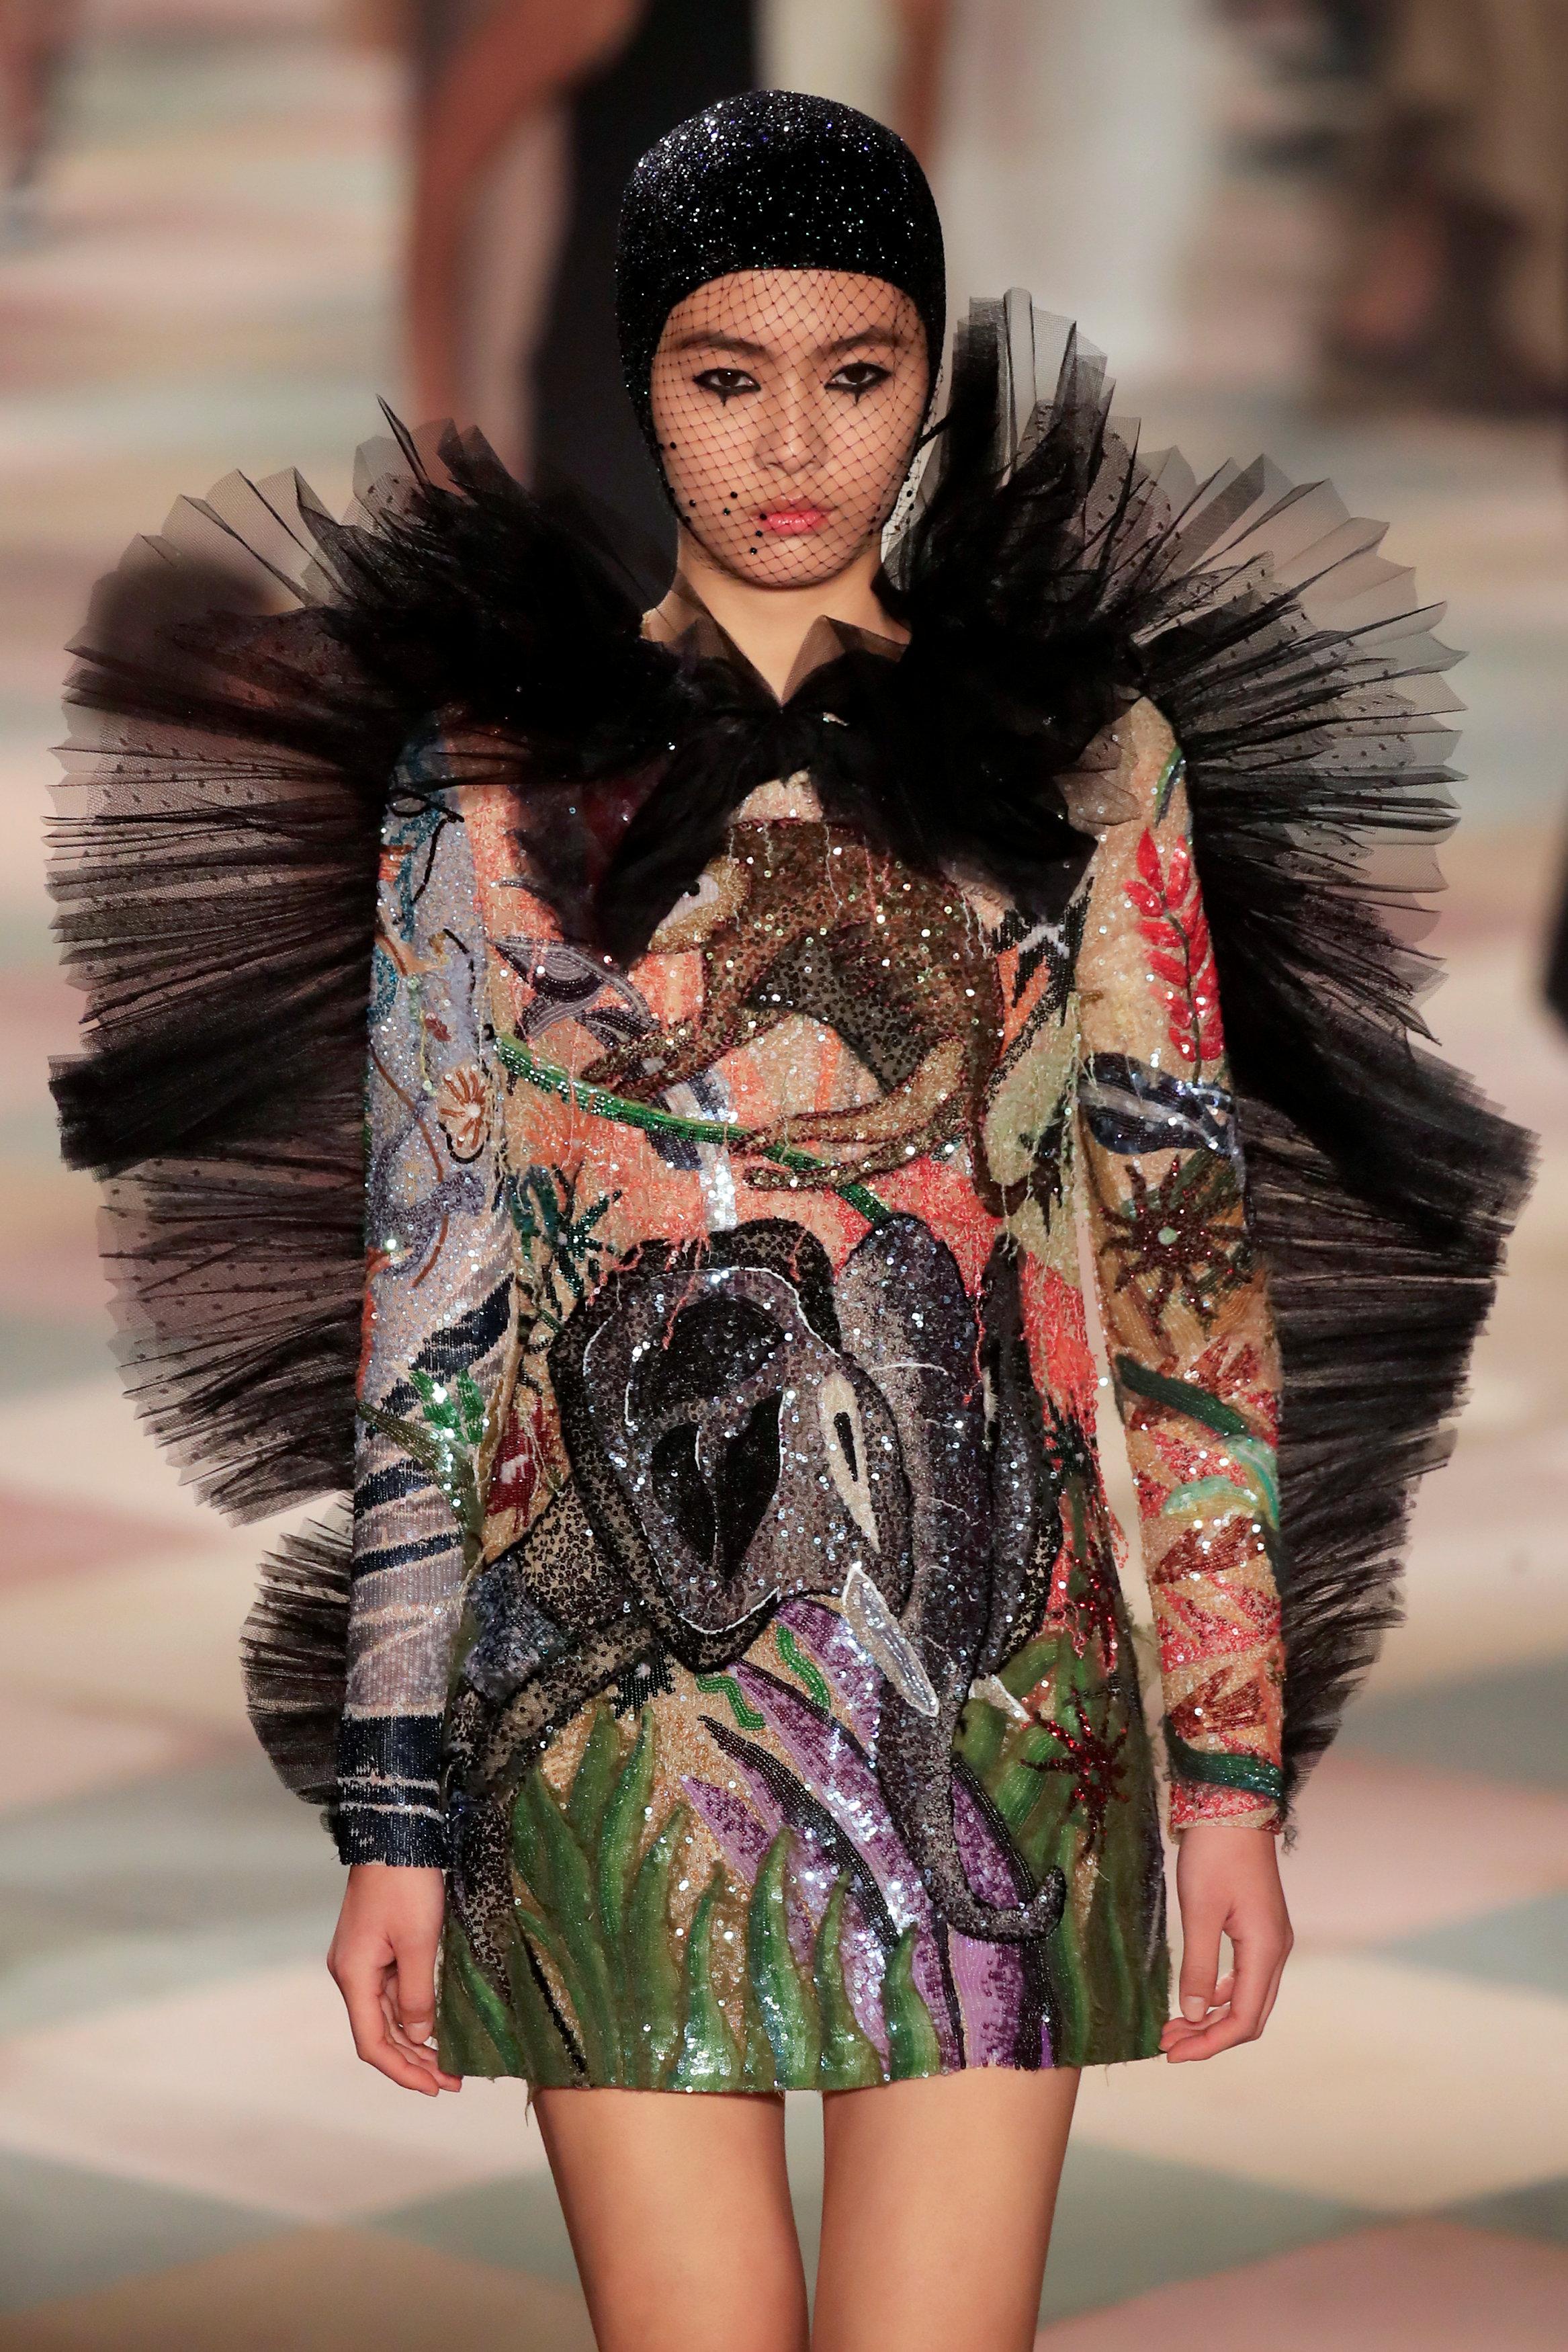 عرض أزياء ماكسيم سيمنز خلال أسبوع الموضة بباريس (1)